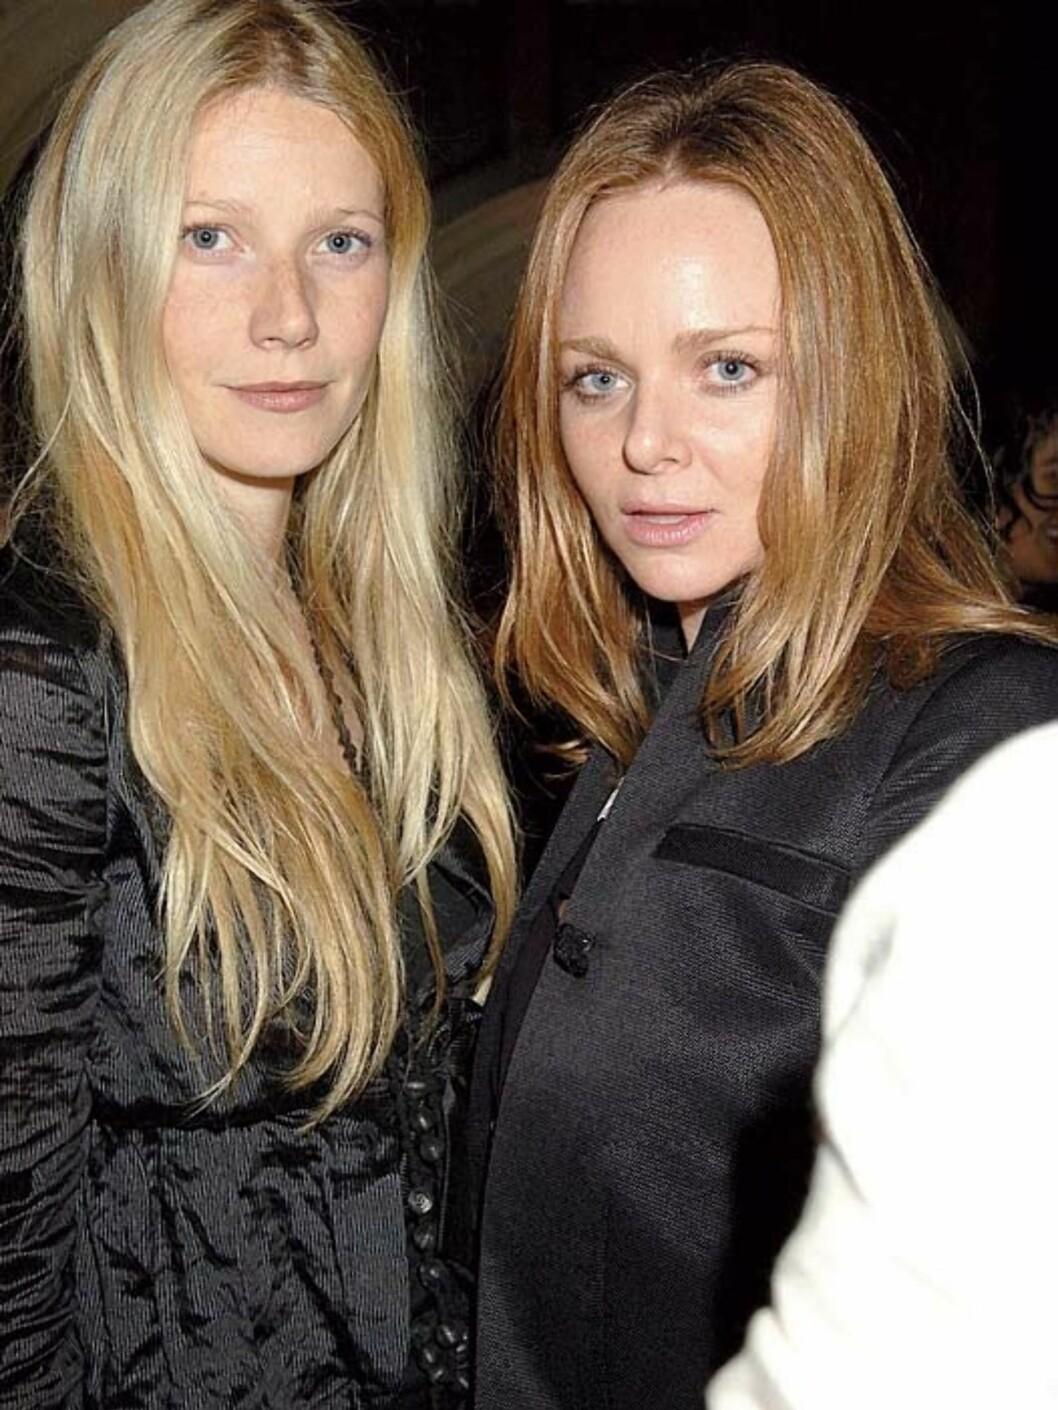 Gwyneth Paltrow og motedesigner Stella McCartney har lenge vært gode venner. Gwyneth er ofte å se i Stellas design. Foto: All Over Press